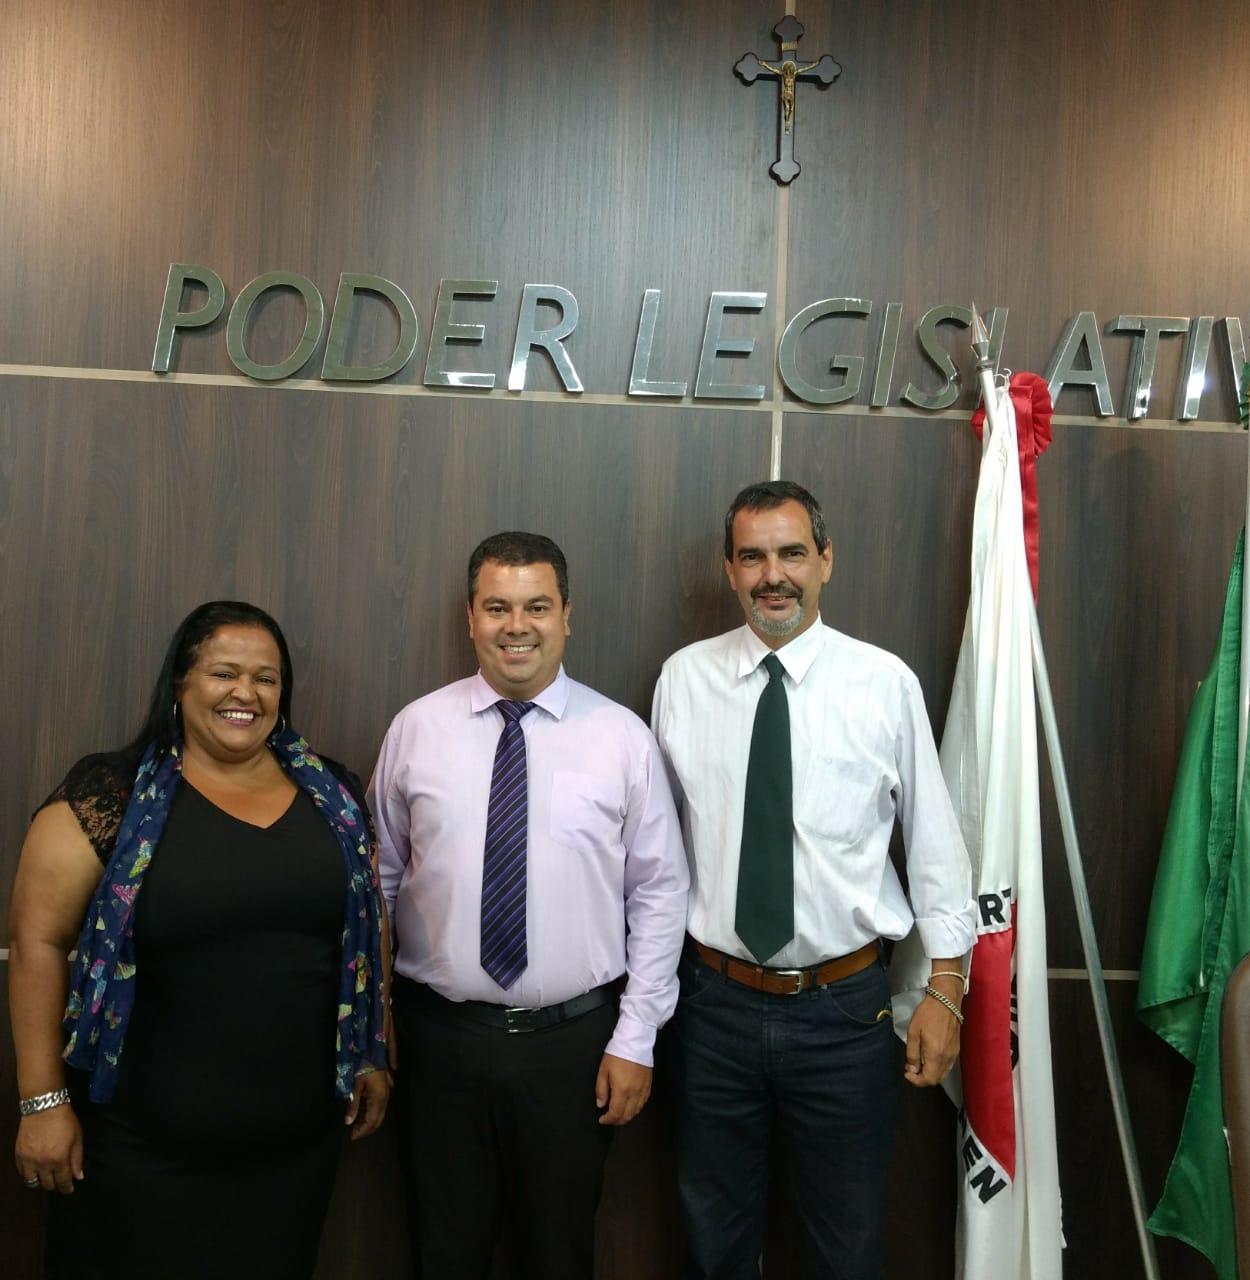 Eleita nova mesa diretora da Câmara de Vereadores para o biênio 2019/2020